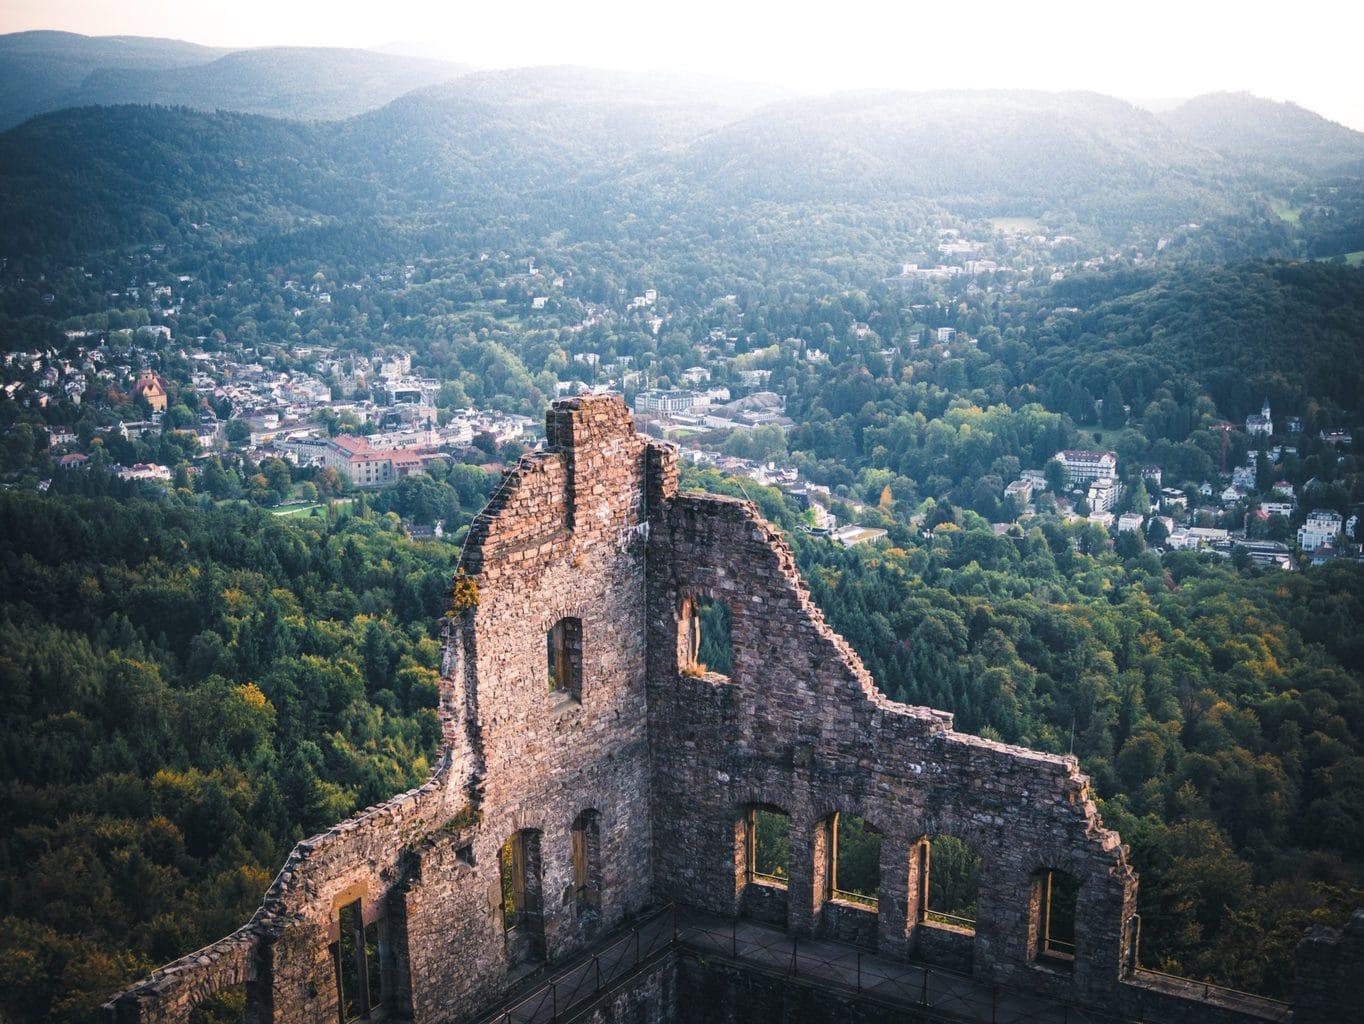 De kasteelruïne van Baden-baden met heuvels op de achtergrond tijdens een wandeling in Baden-Württemberg